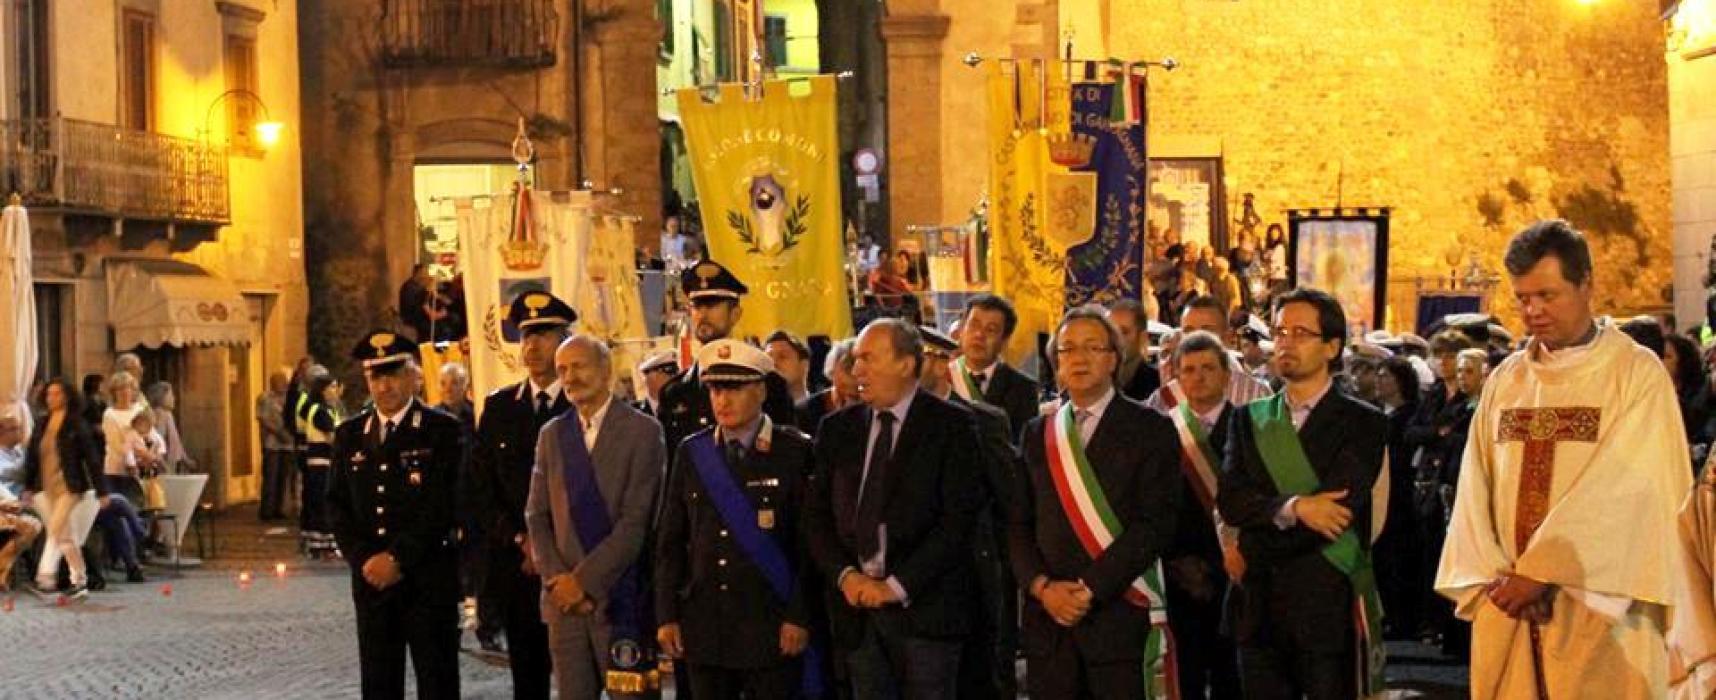 Grande partecipazione alle celebrazioni per l'Ottava del Corpus Domini a Castelnuovo di Garfagnana